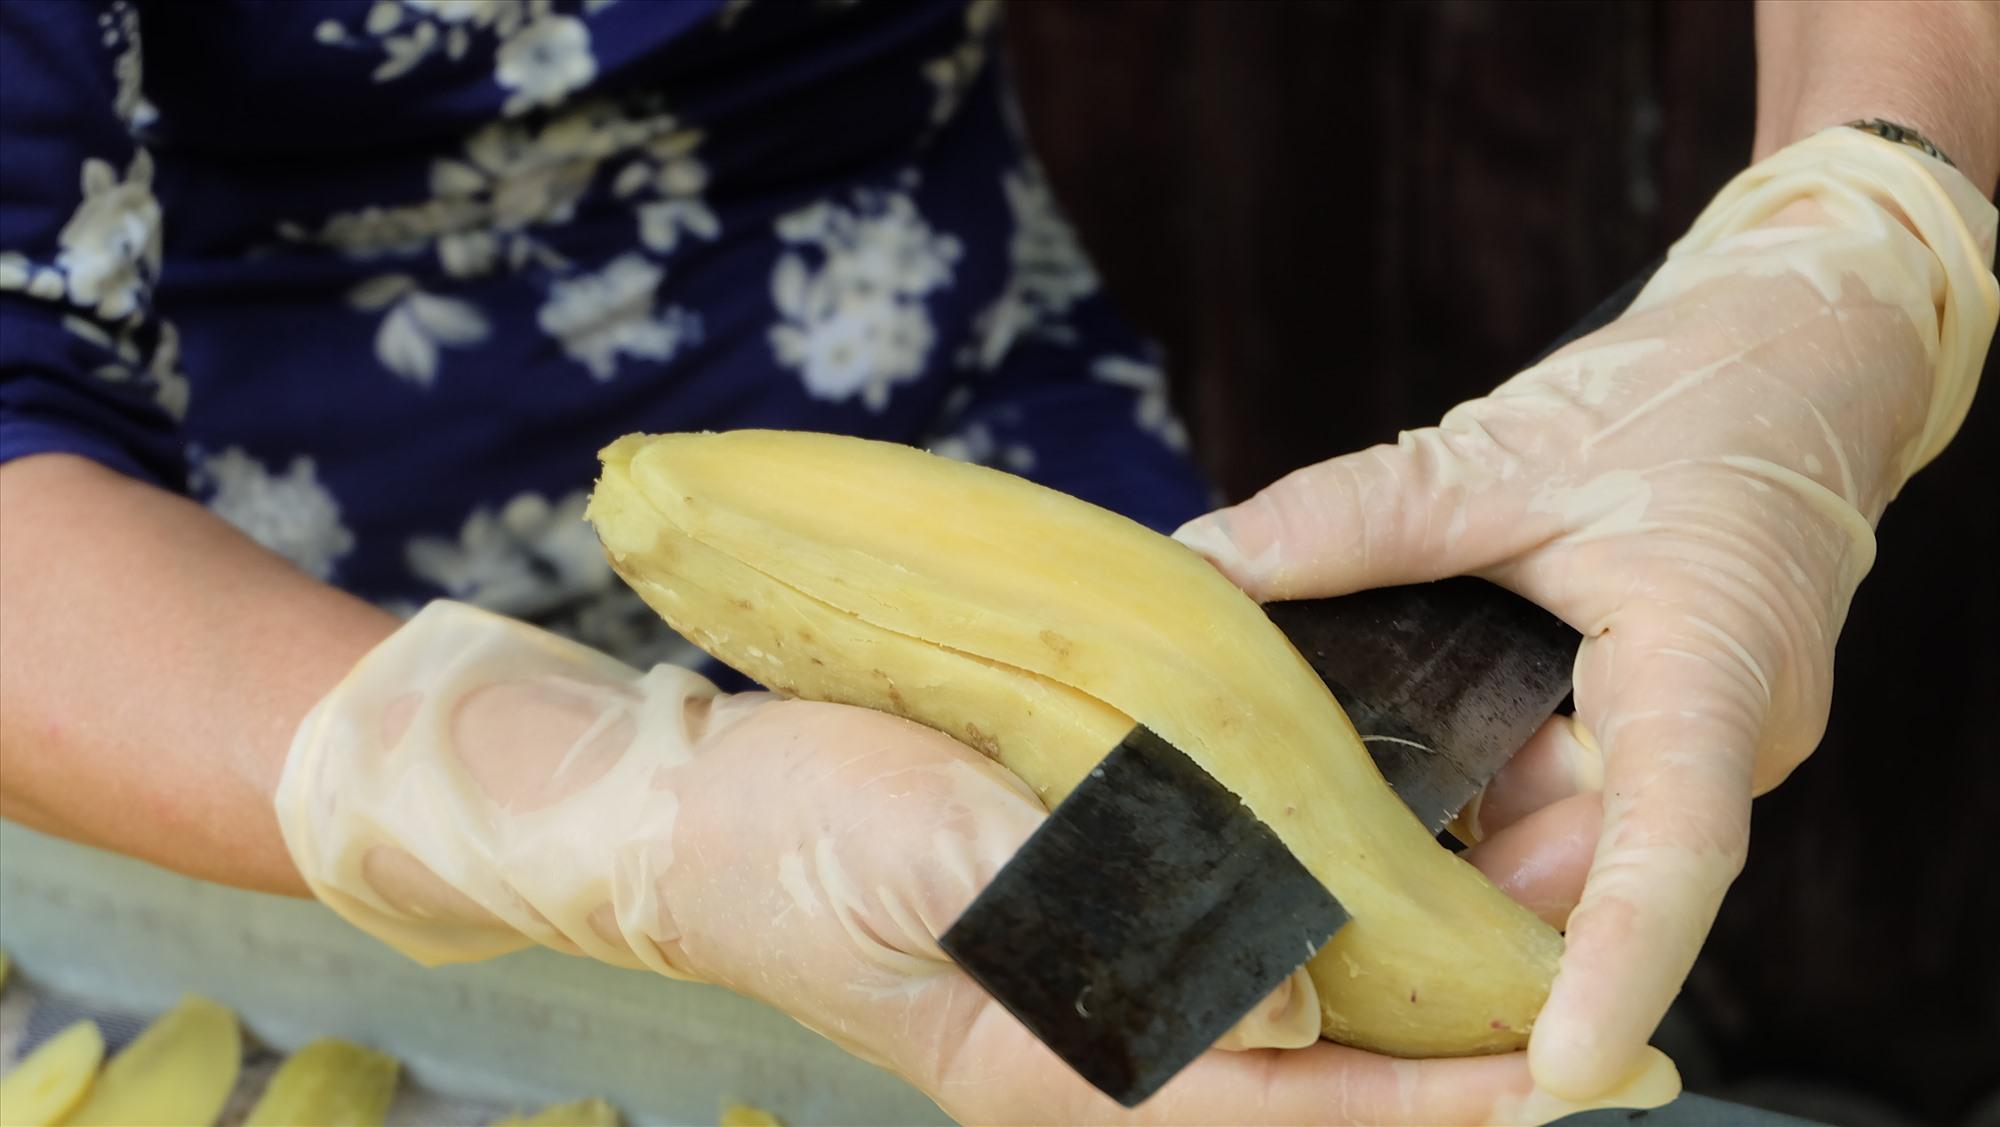 Để có được lát khoai đẹp, người chẻ phải rất tỉ mĩ, đưa dao nhẹ nhàng, uốn theo hình dáng củ khoai. Ảnh: M.L